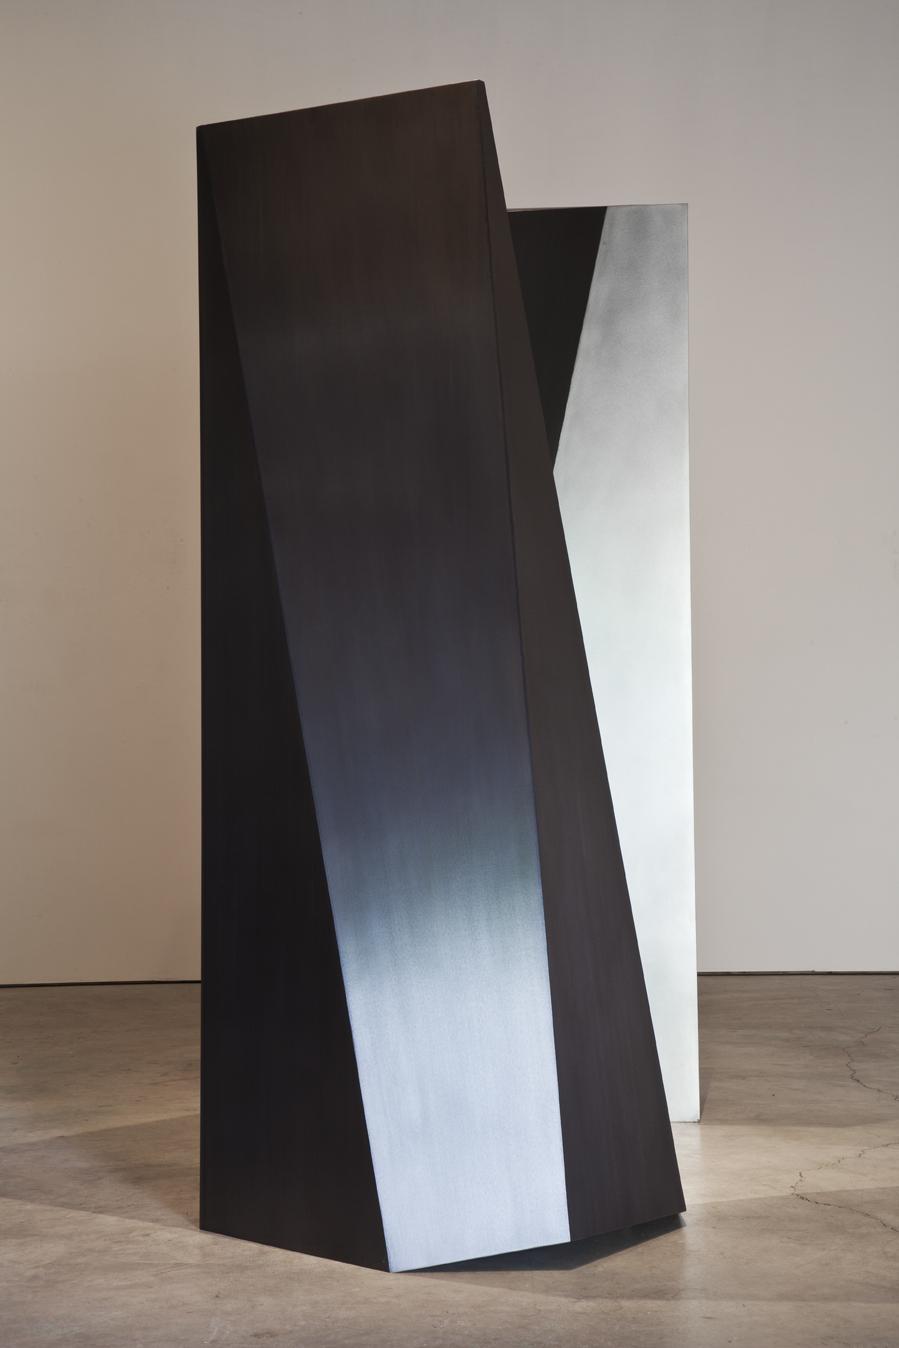 Ultime dialogue (2012)   Laiton et acier inoxydable, 229 x 220 x 116 cm. photo : Michel Dubreuil